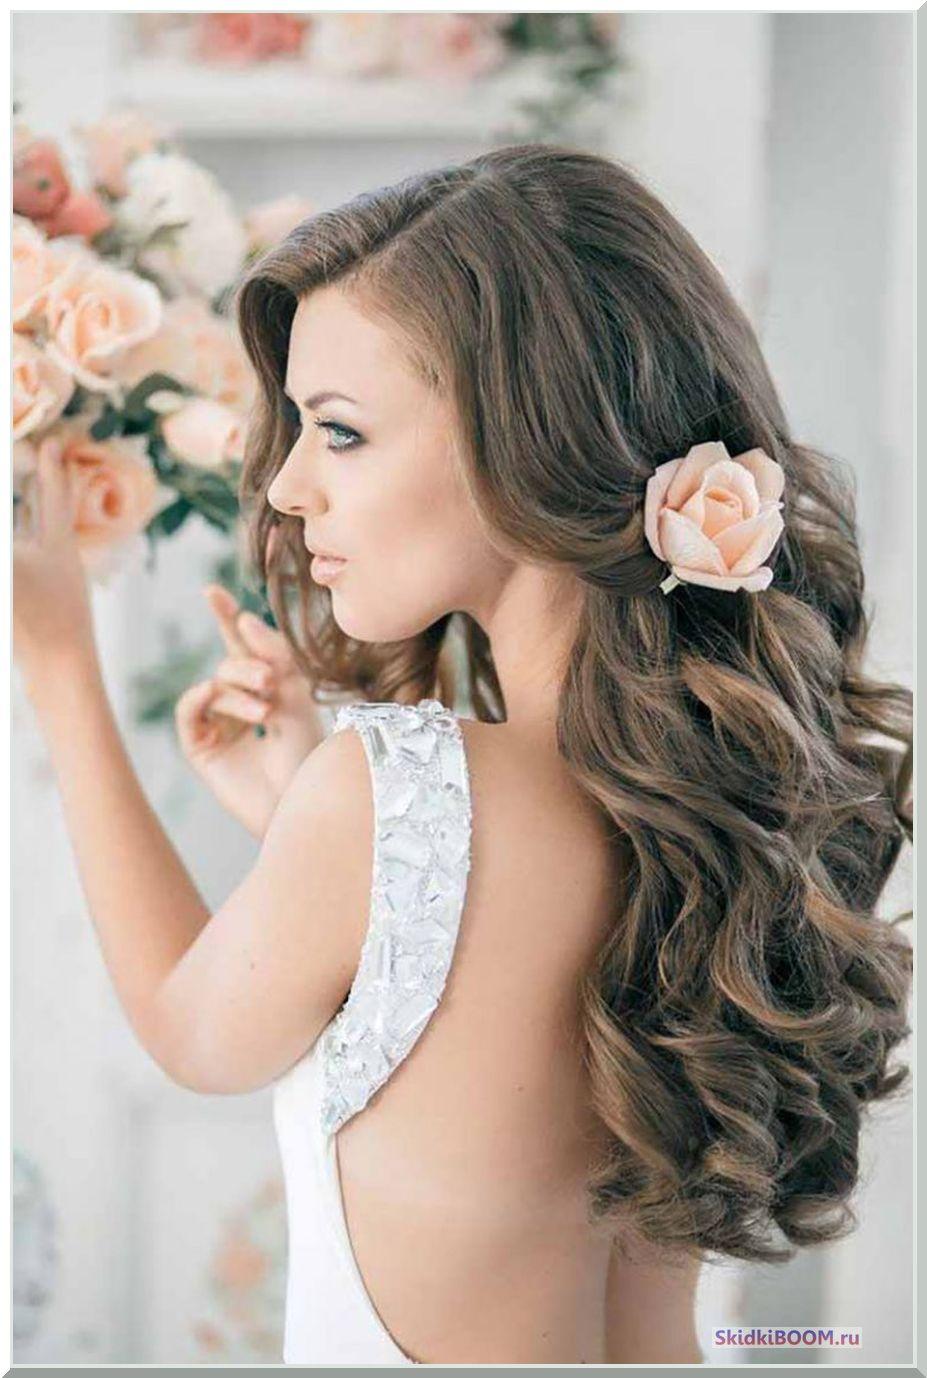 Укладка волос на длинные волосы - локоны